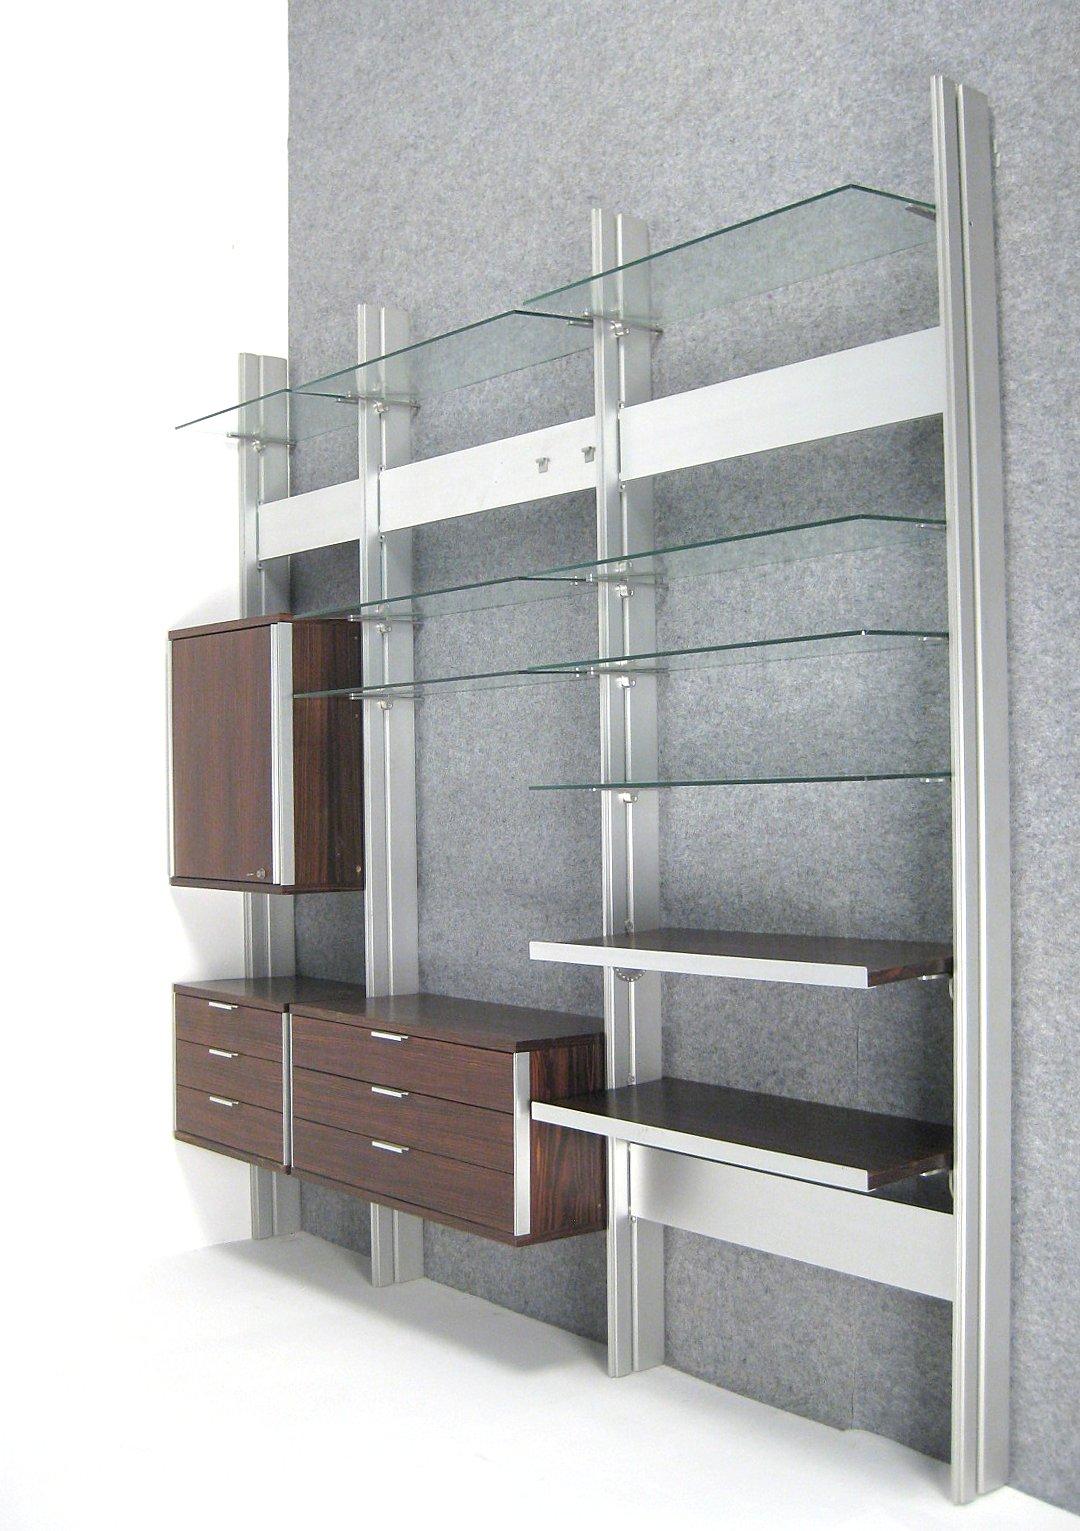 Auktionstipset Modulares Regalsystem Raumteiler Spannregal Der